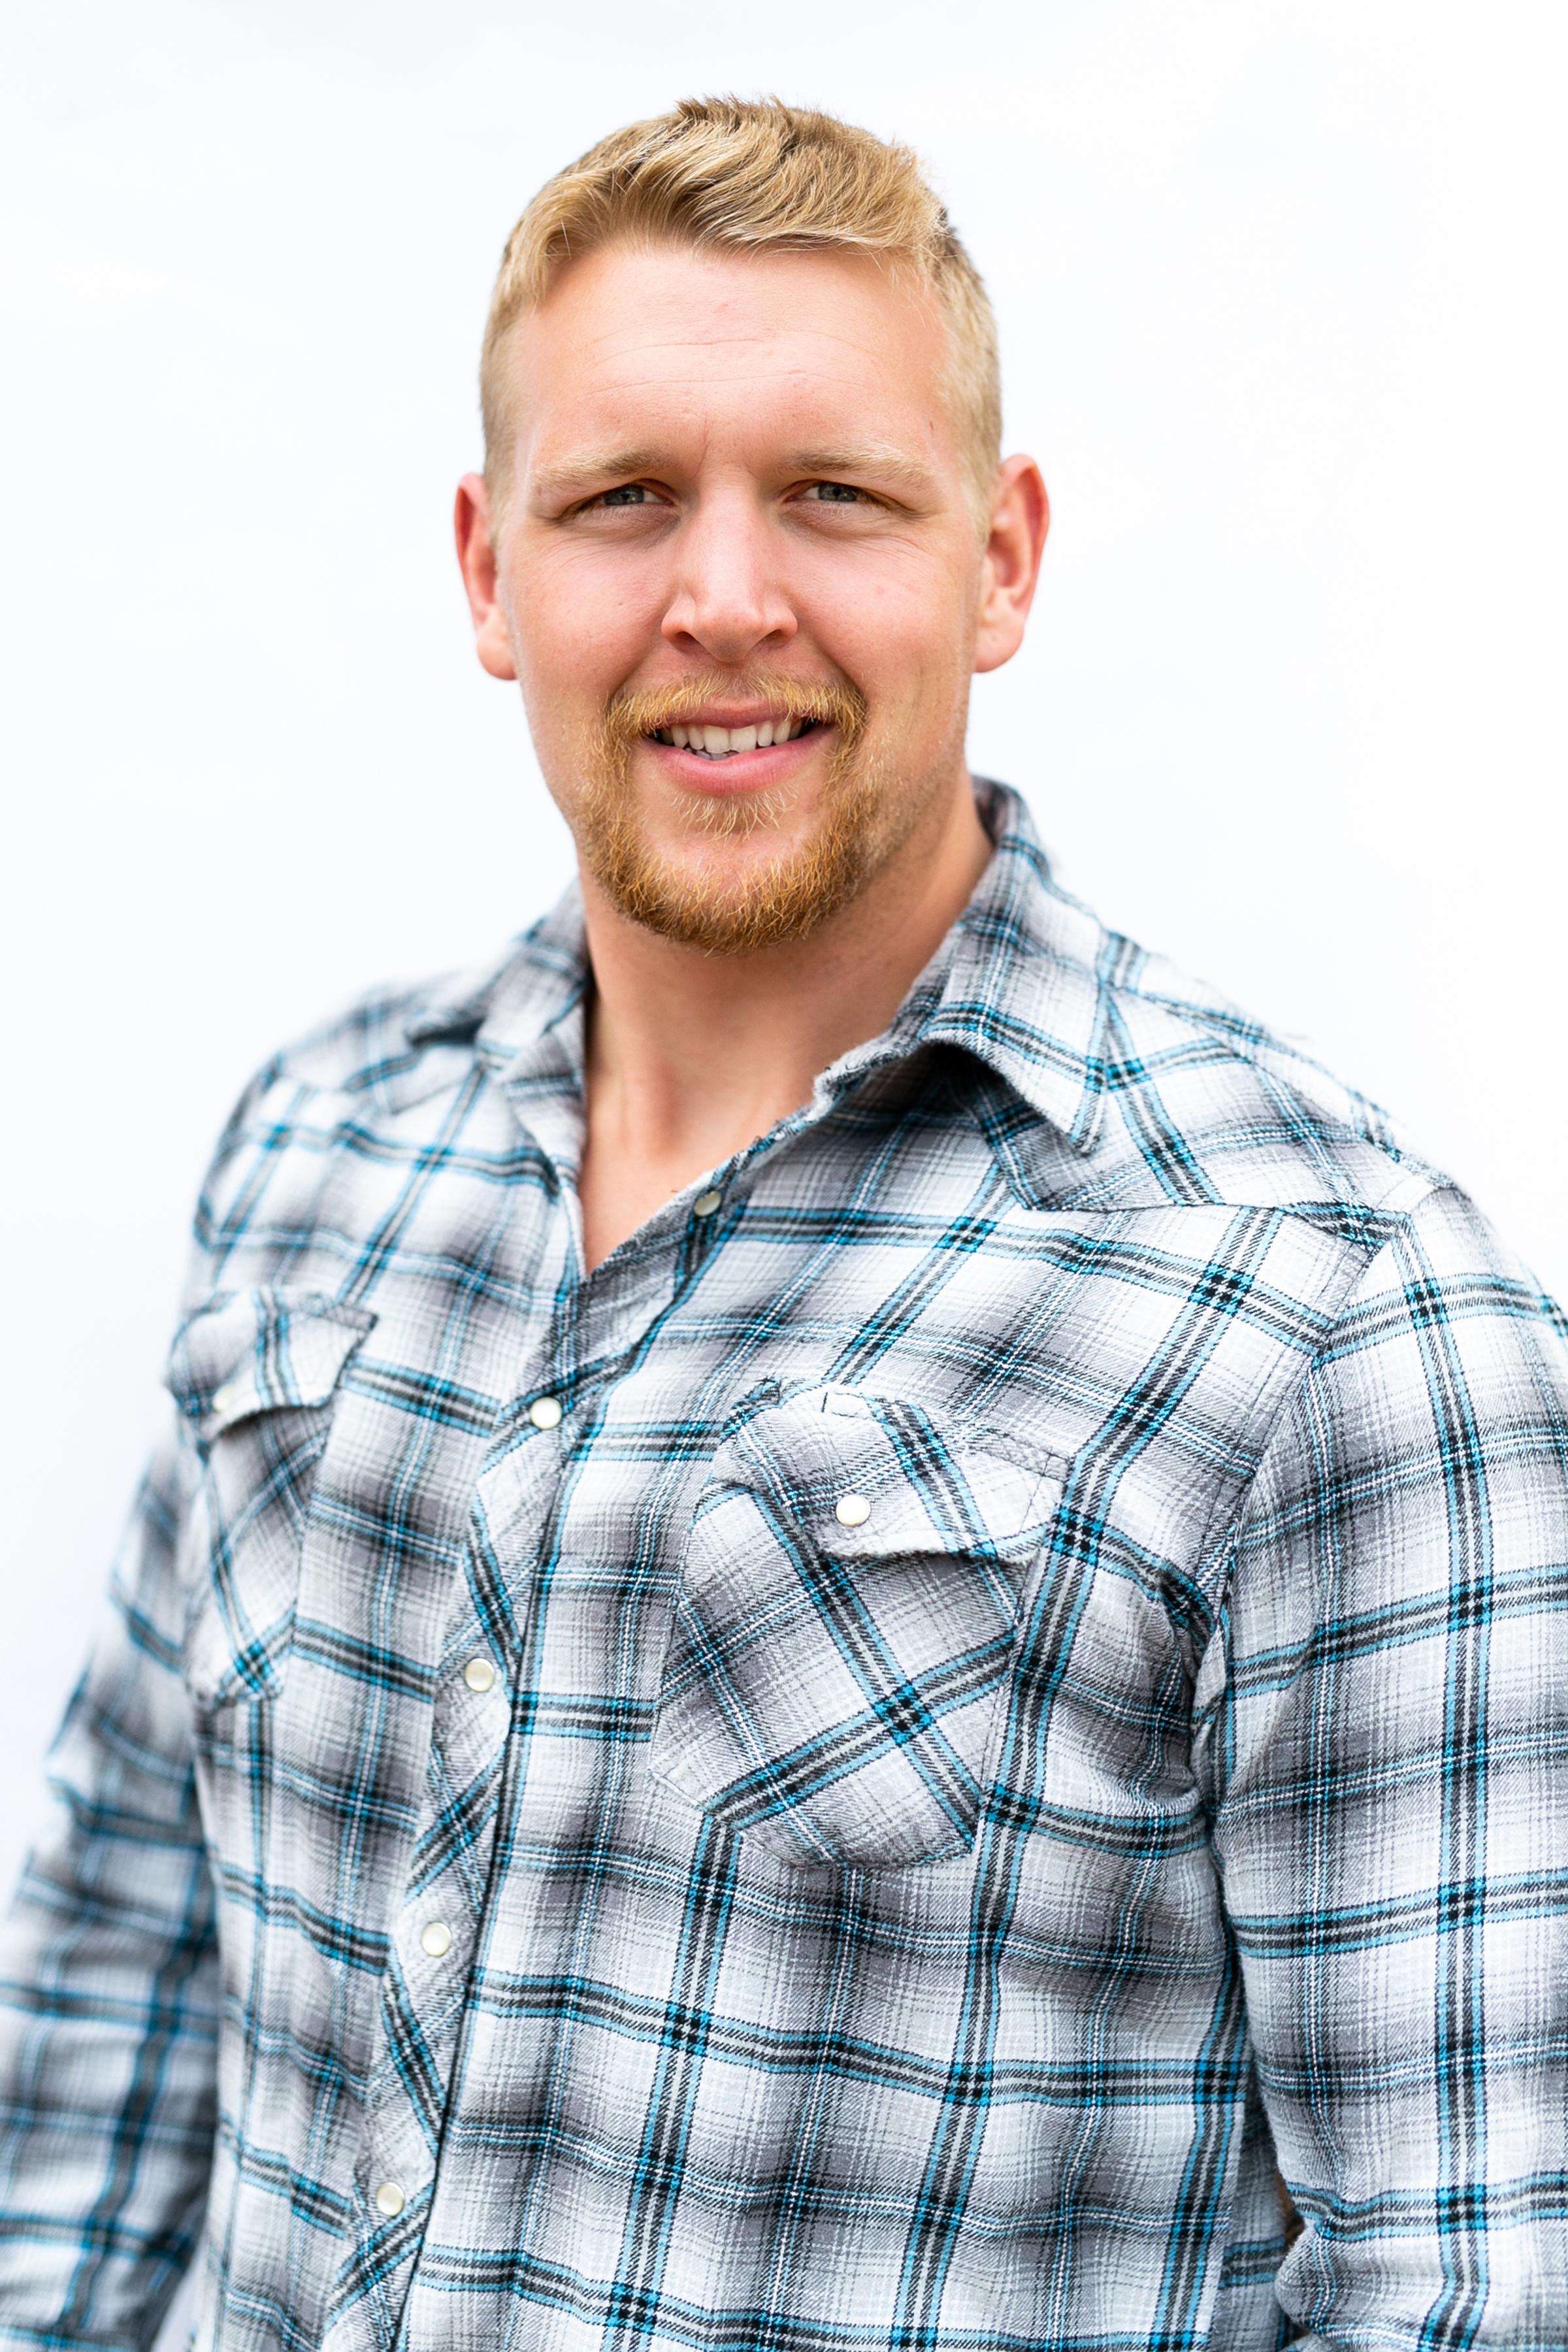 Derek Butcher